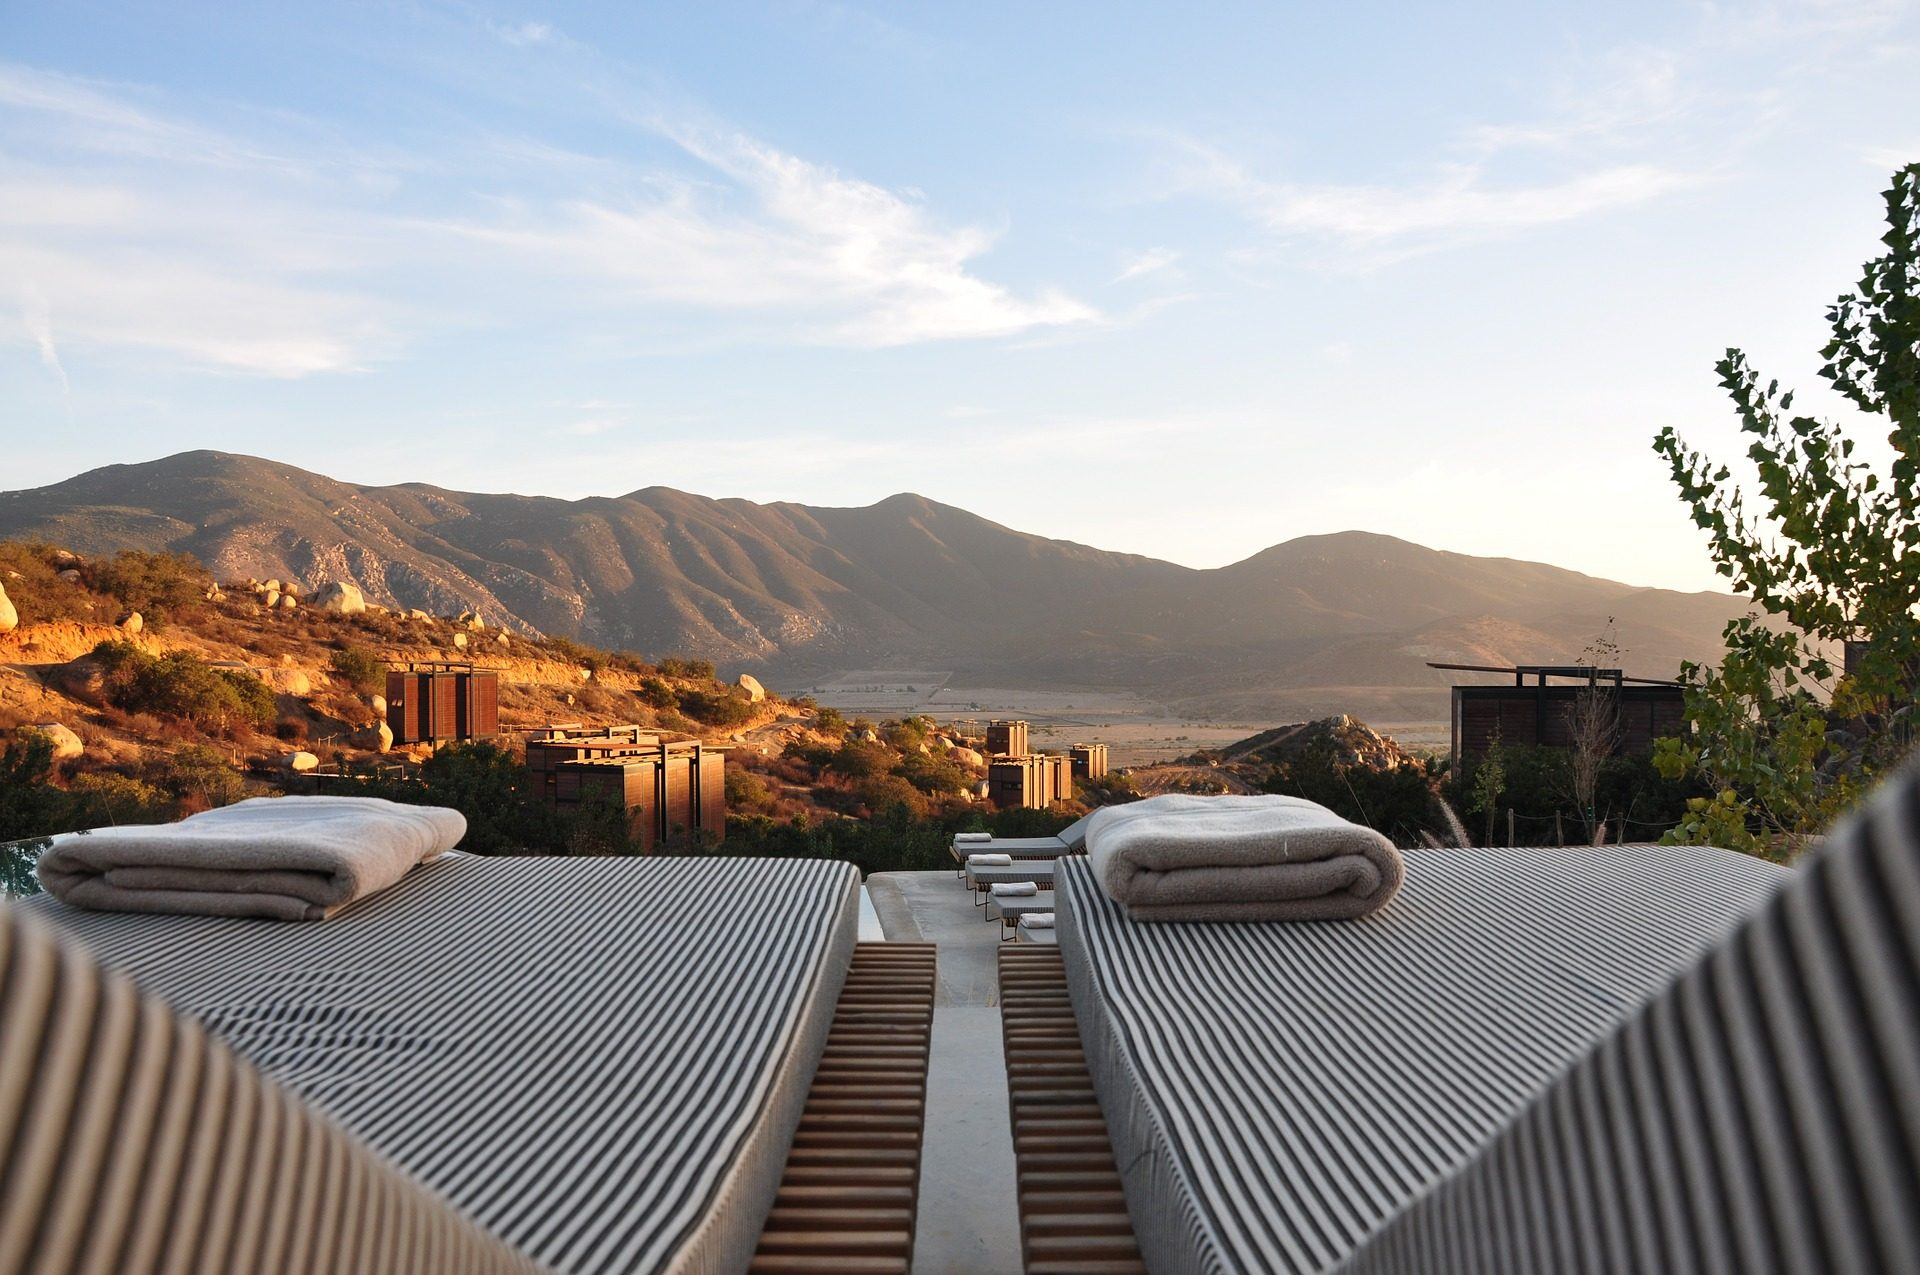 reste, se détendre, chaises longues, serviettes de bain, paysage, montagnes - Fonds d'écran HD - Professor-falken.com